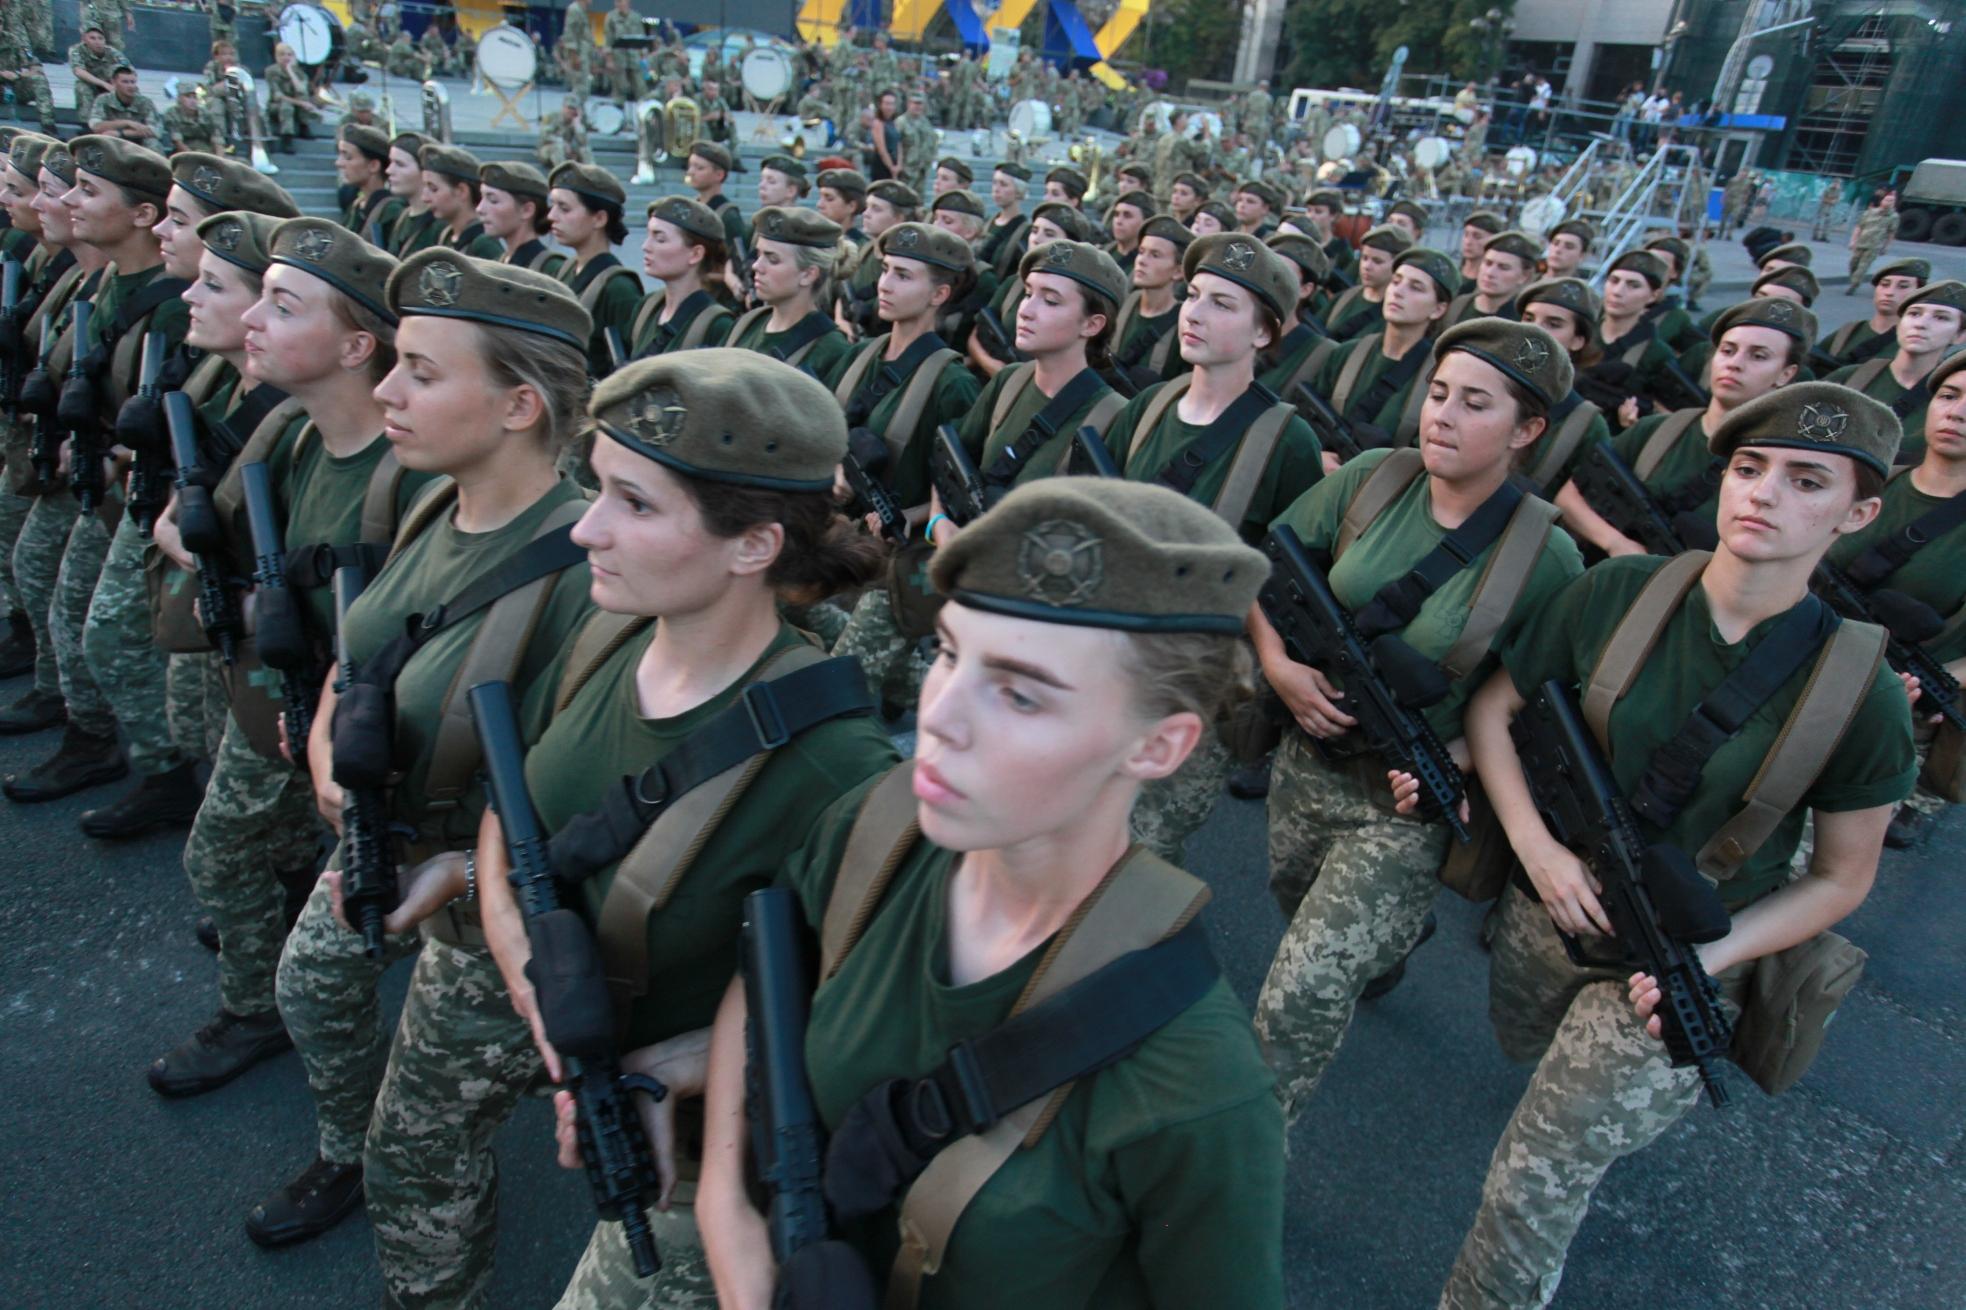 військовий парад